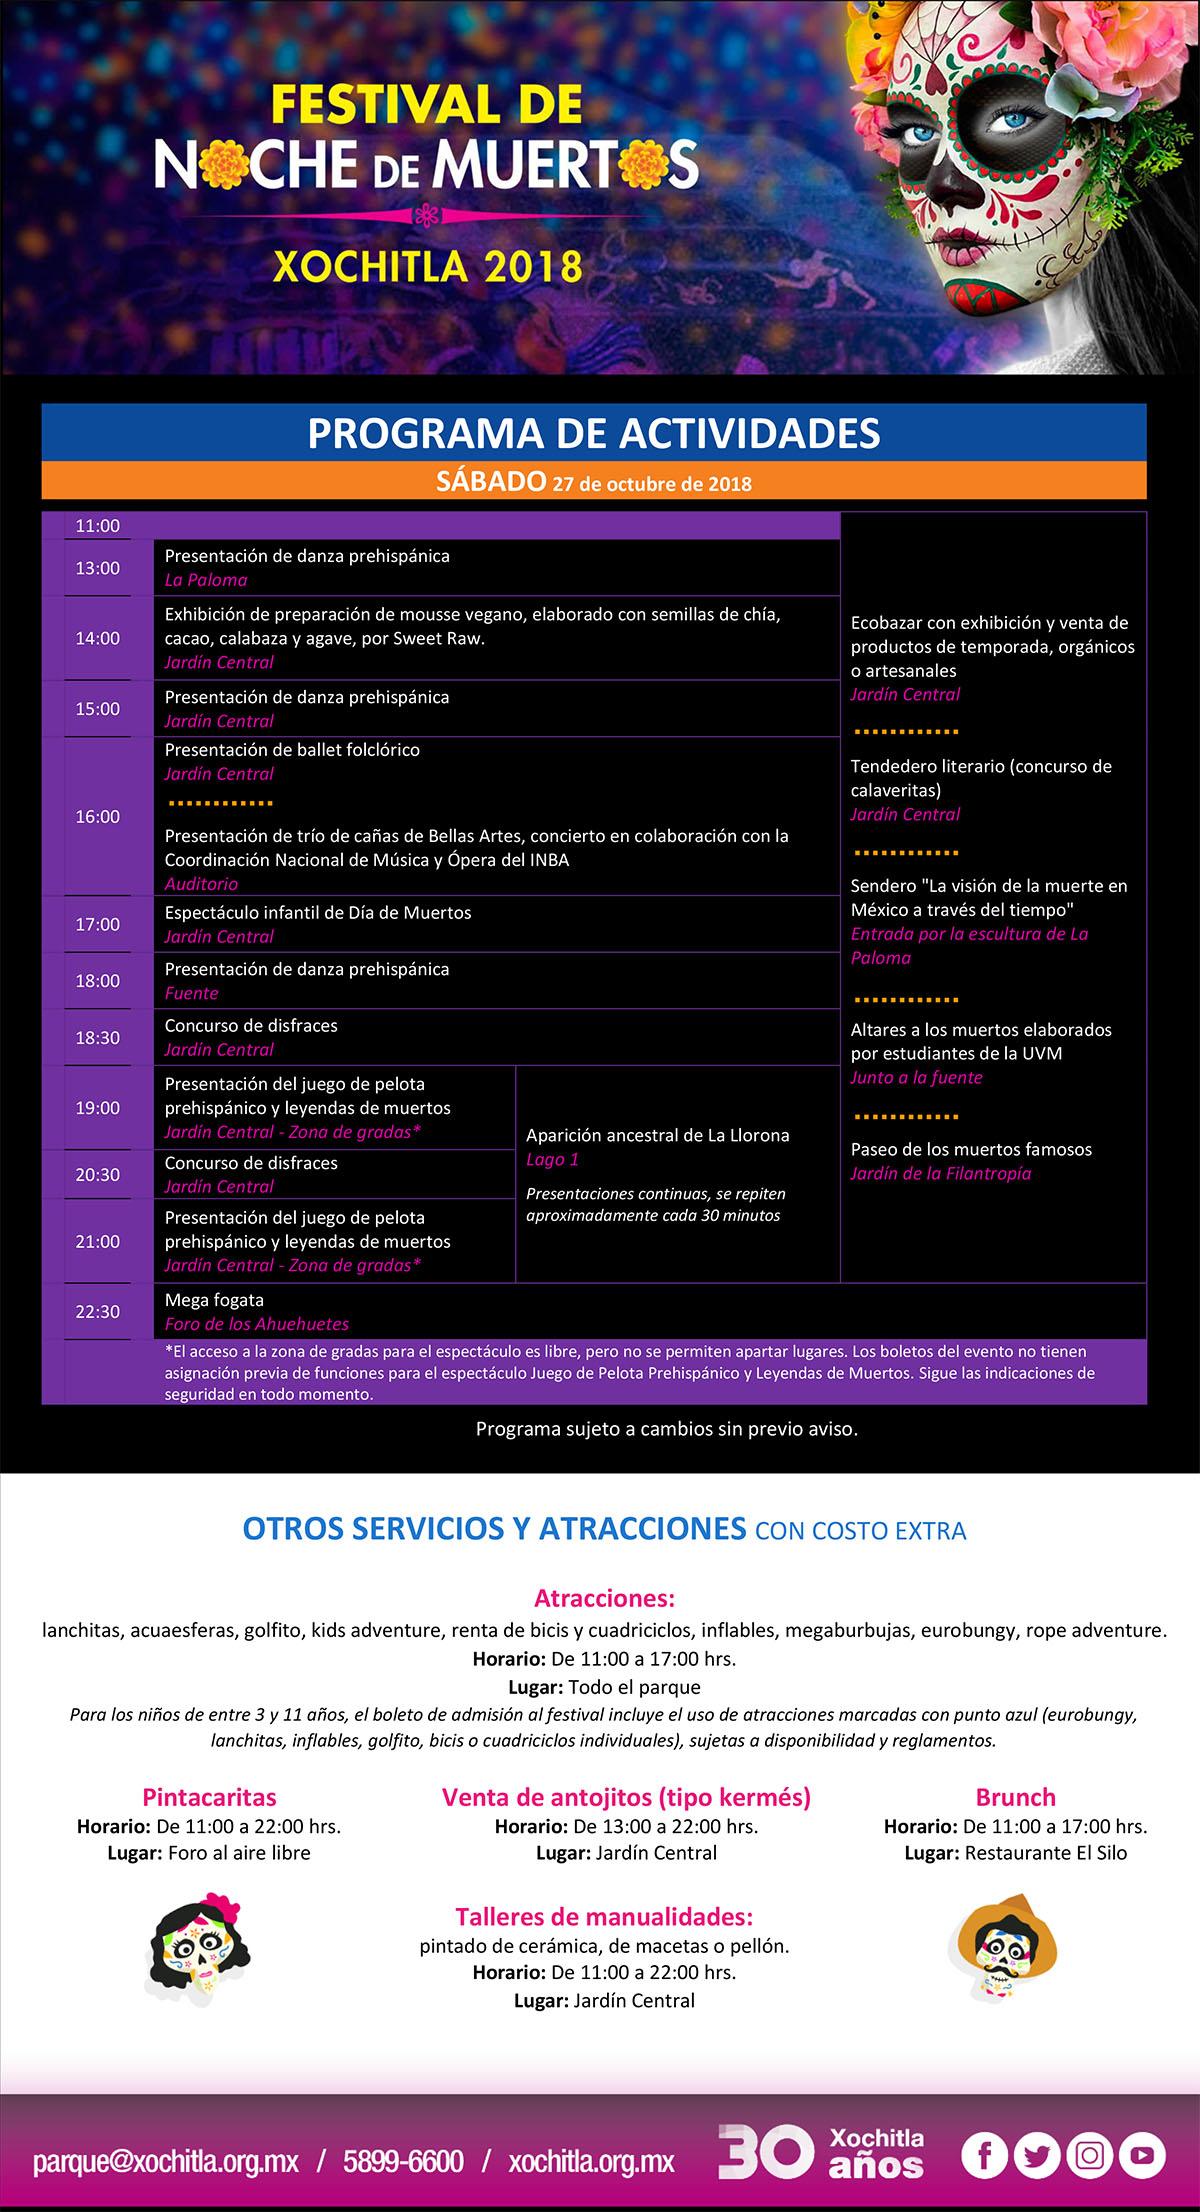 noche-de-muertos-2018-xochitla-programa-actividades